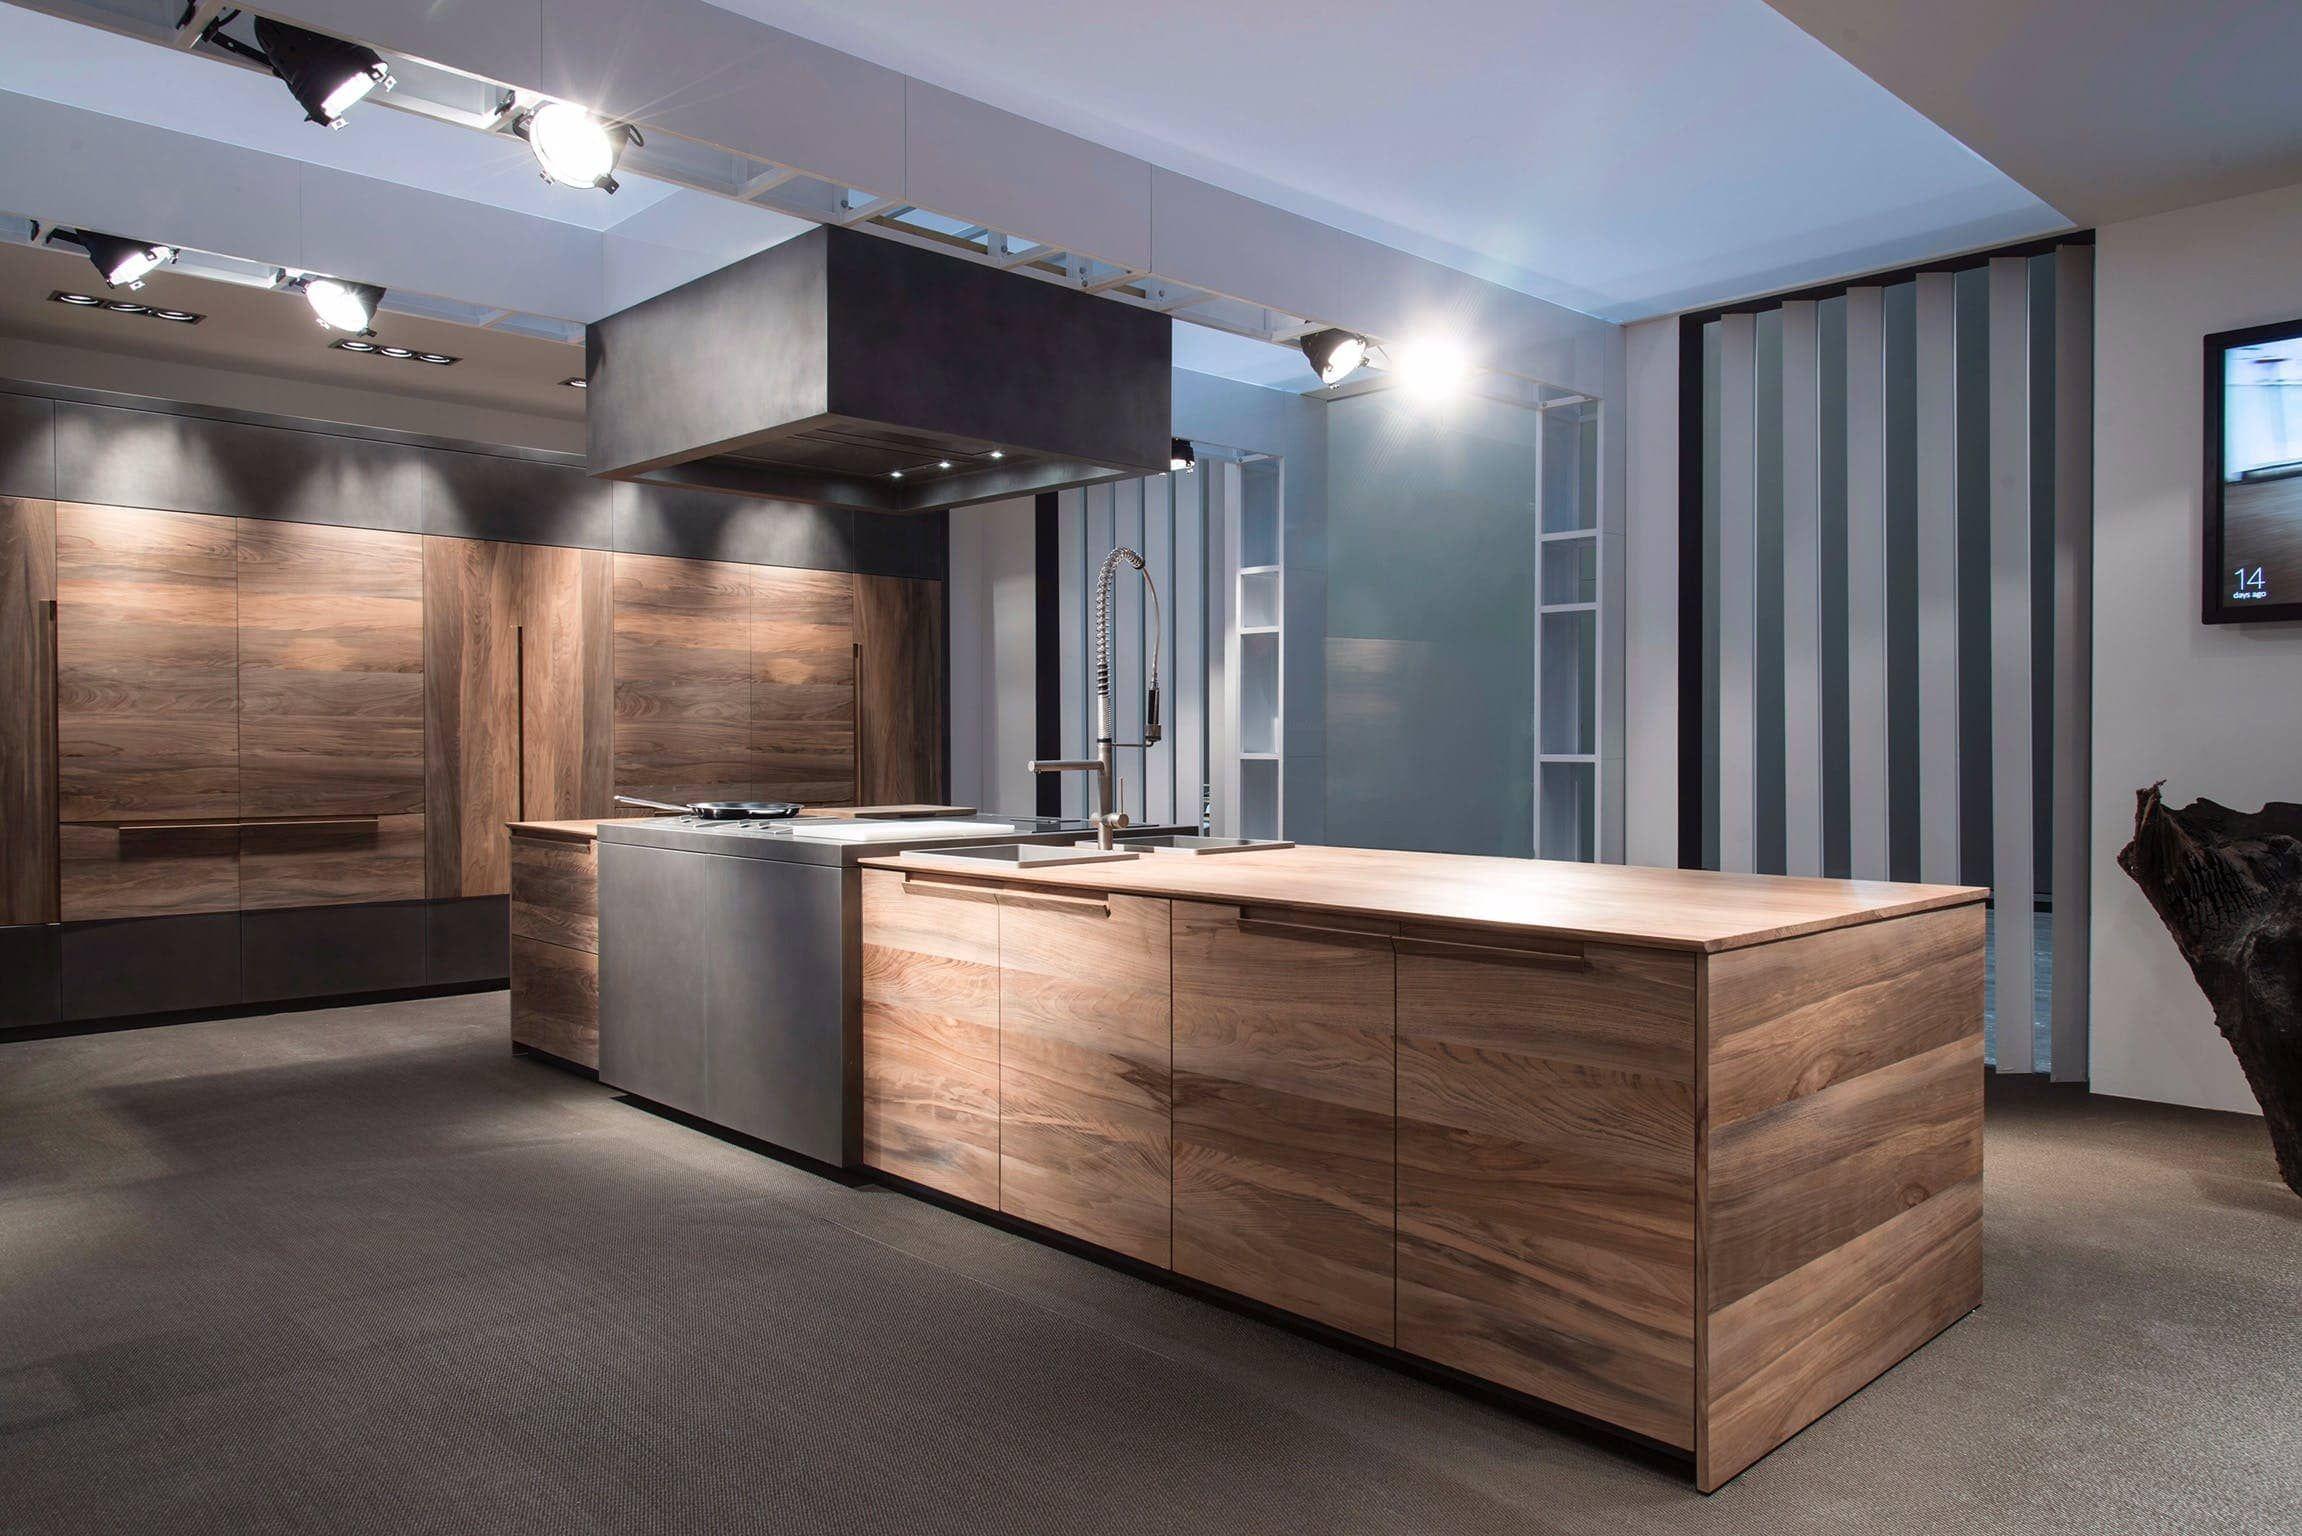 Outdoorküche Klein Wanita : Wesen in 2019 architektur kitchen kitchen design und kitchen